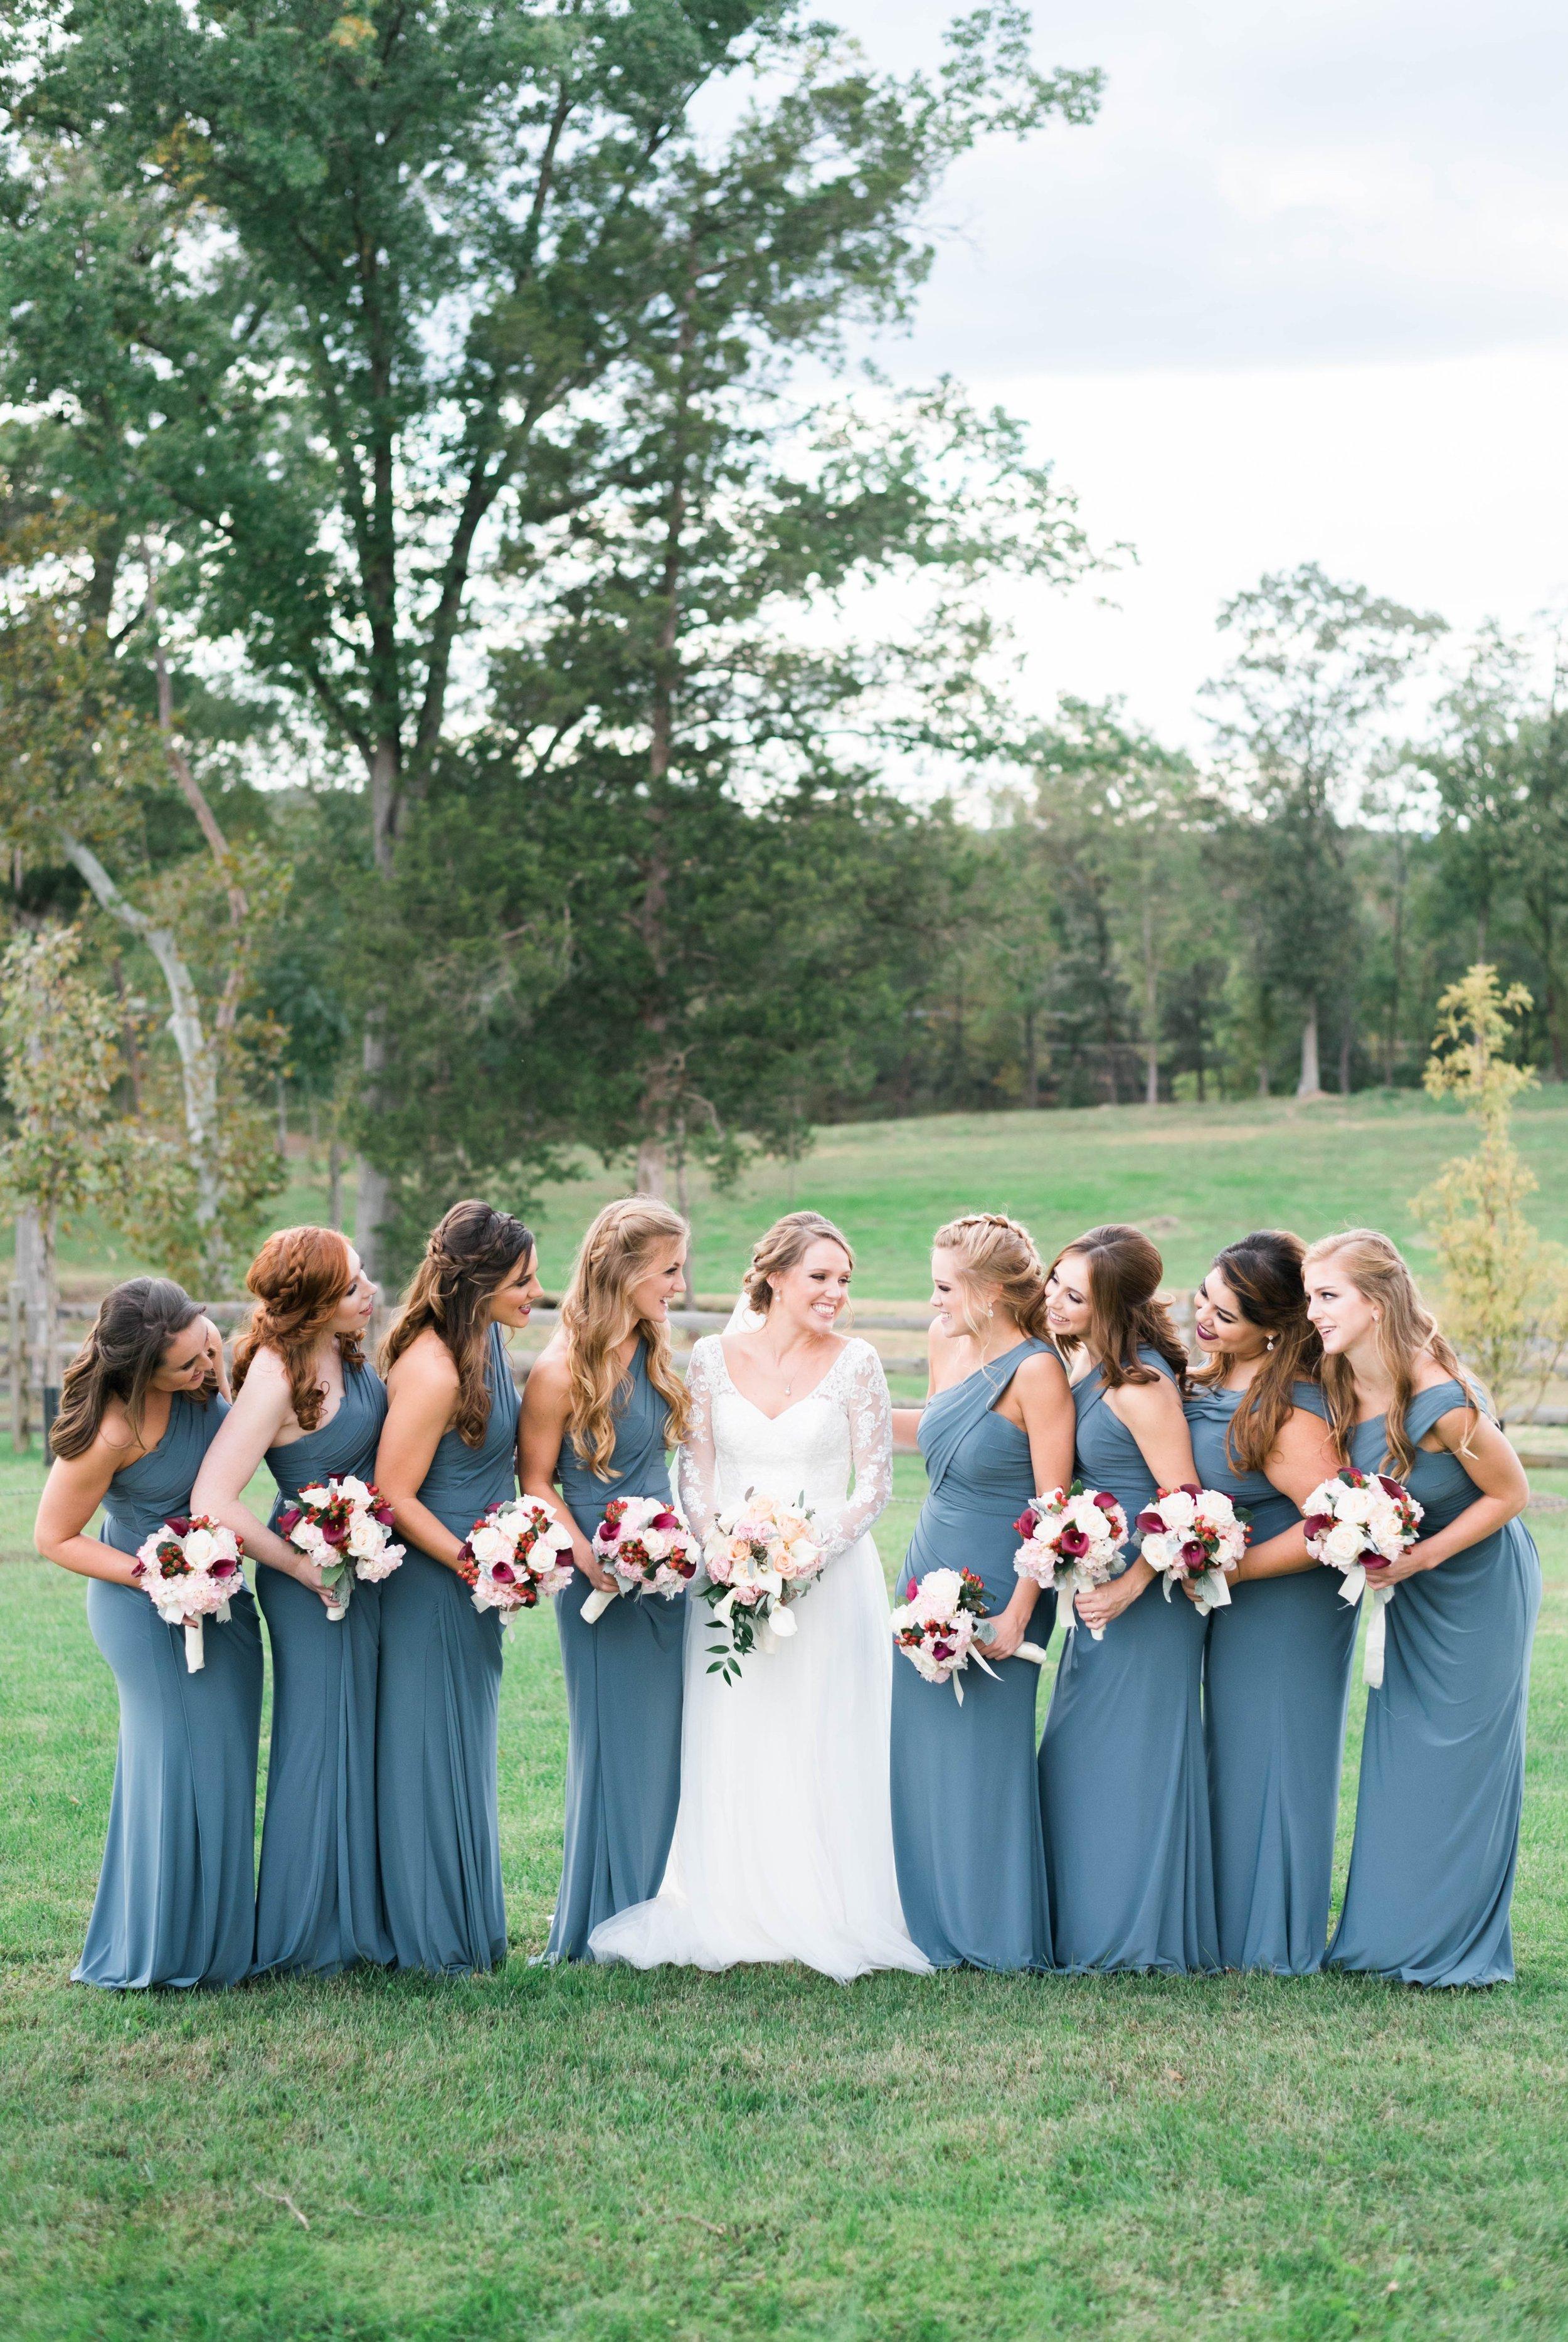 GrantElizabeth_wineryatbullrun_DCwedding_Virginiaweddingphotographer 5.jpg